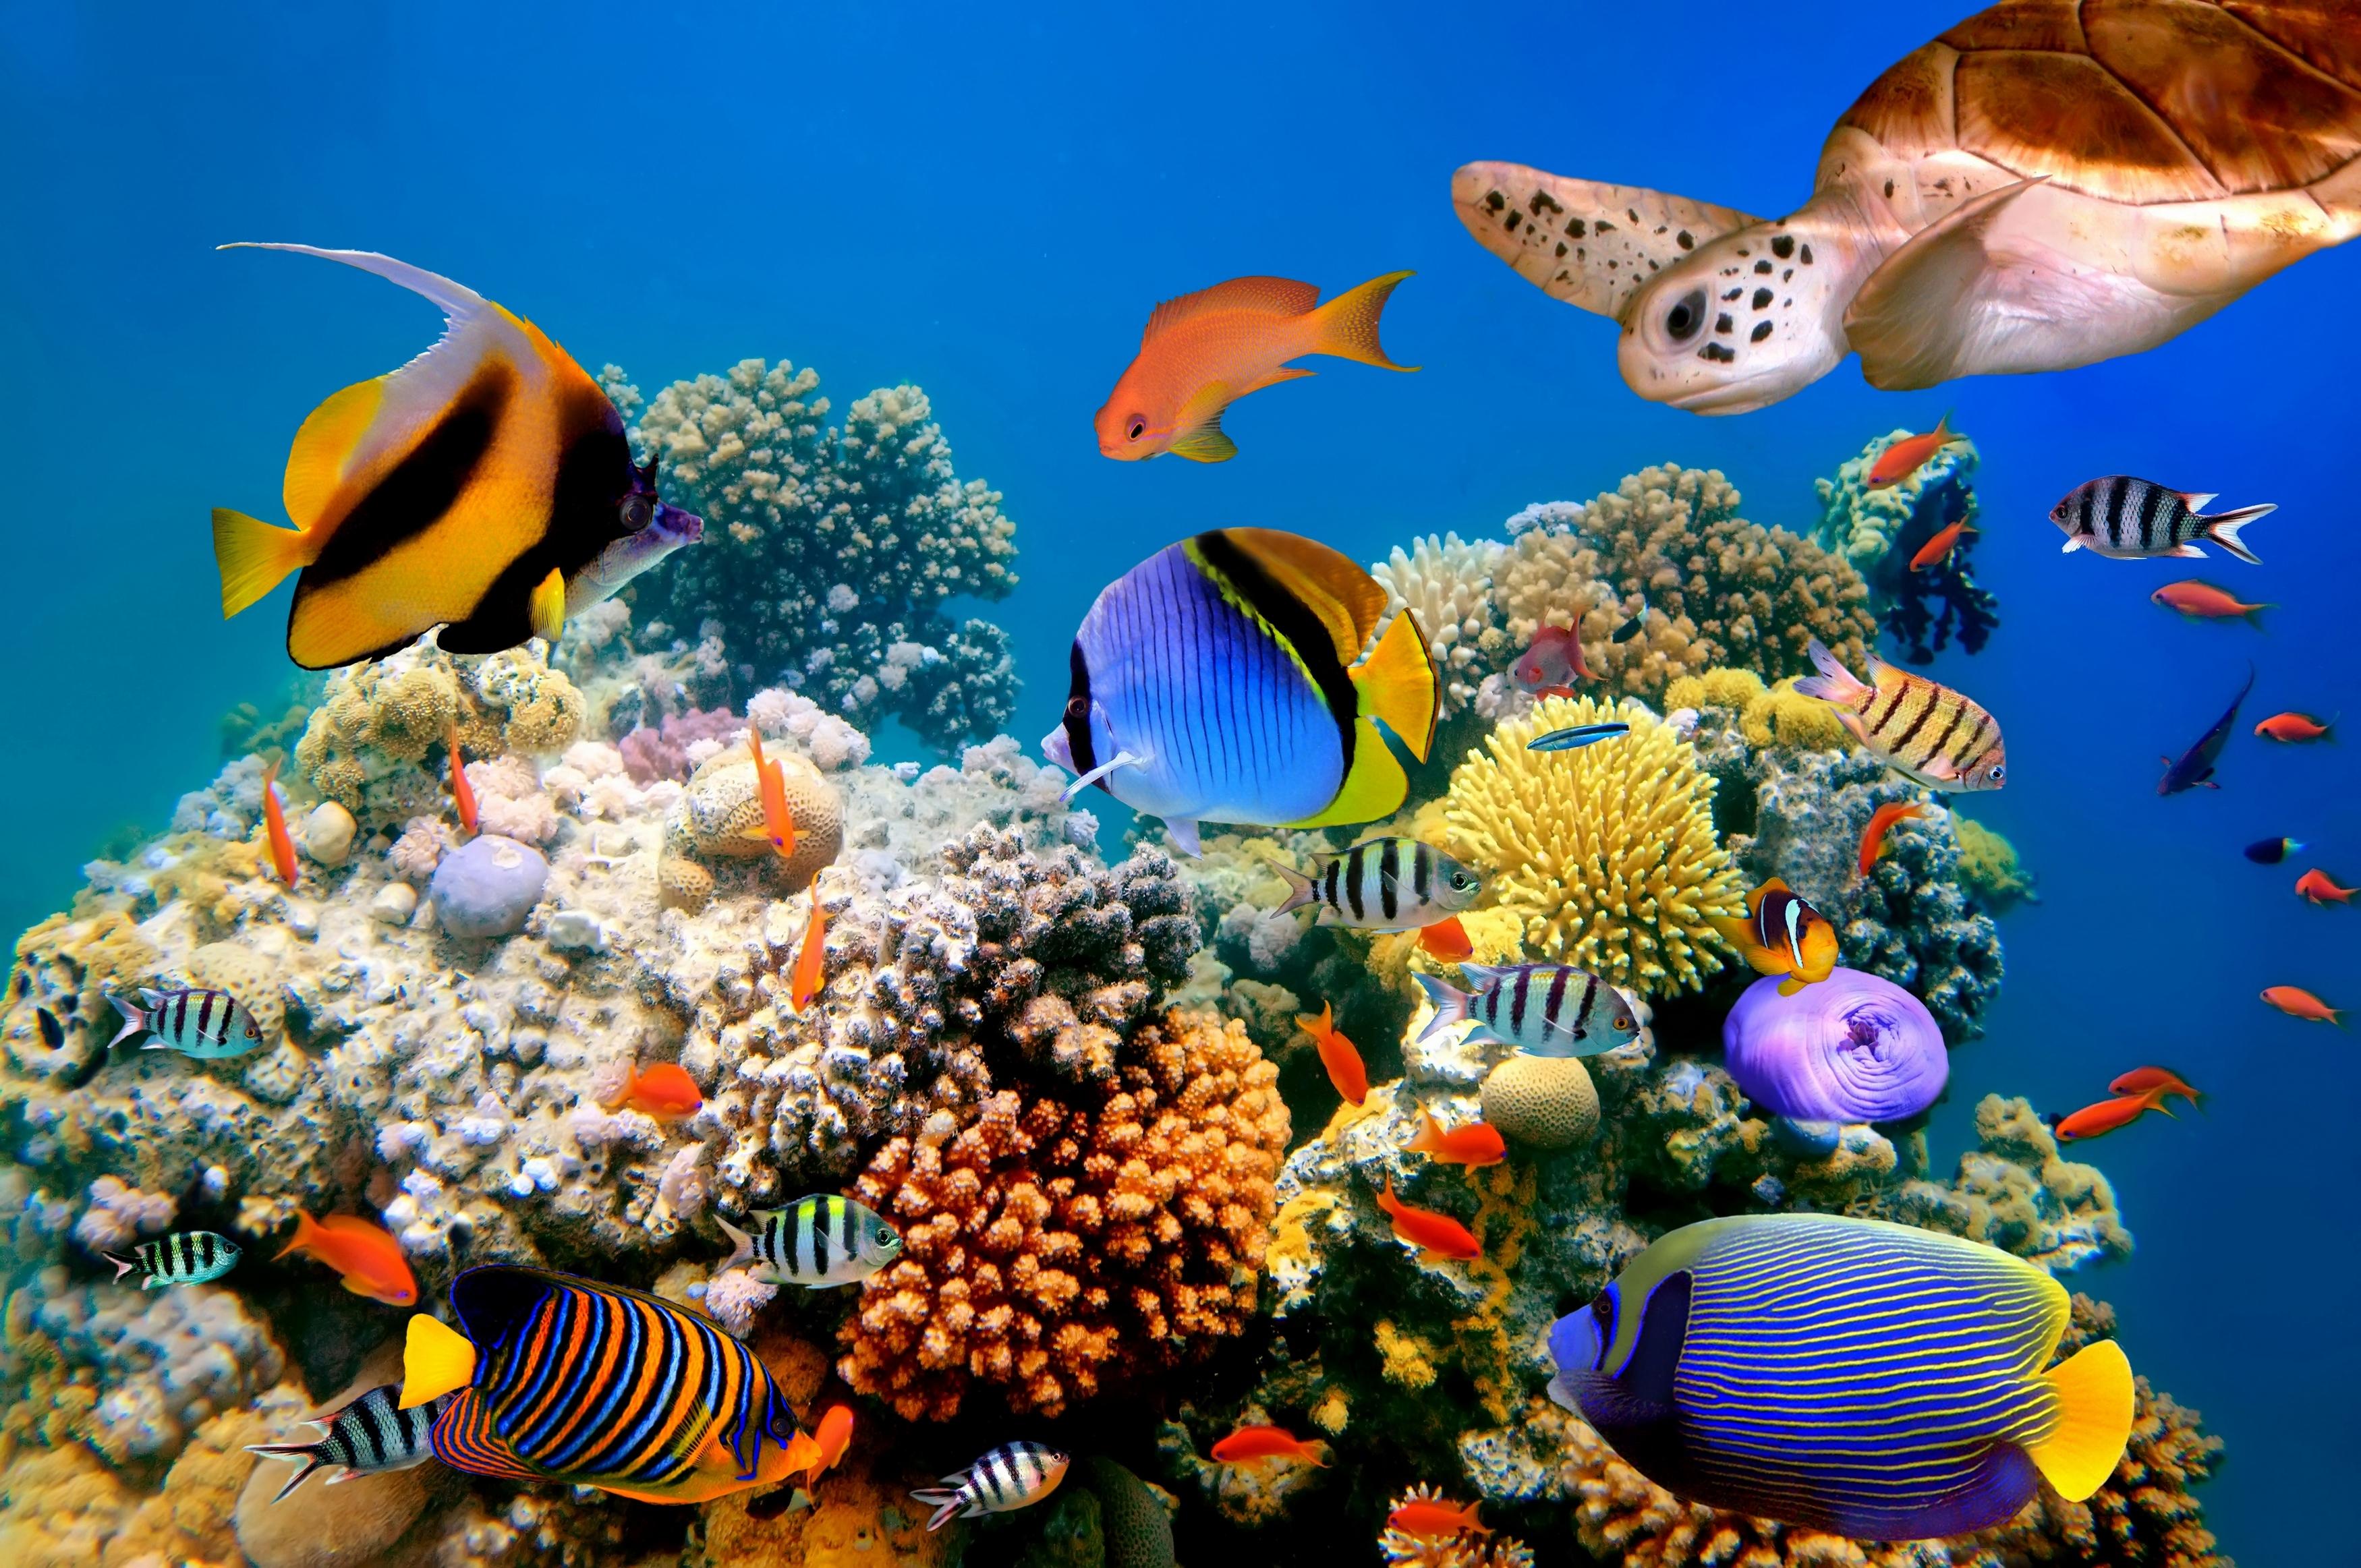 салатик, новые картинки с рыбками украшения александритом